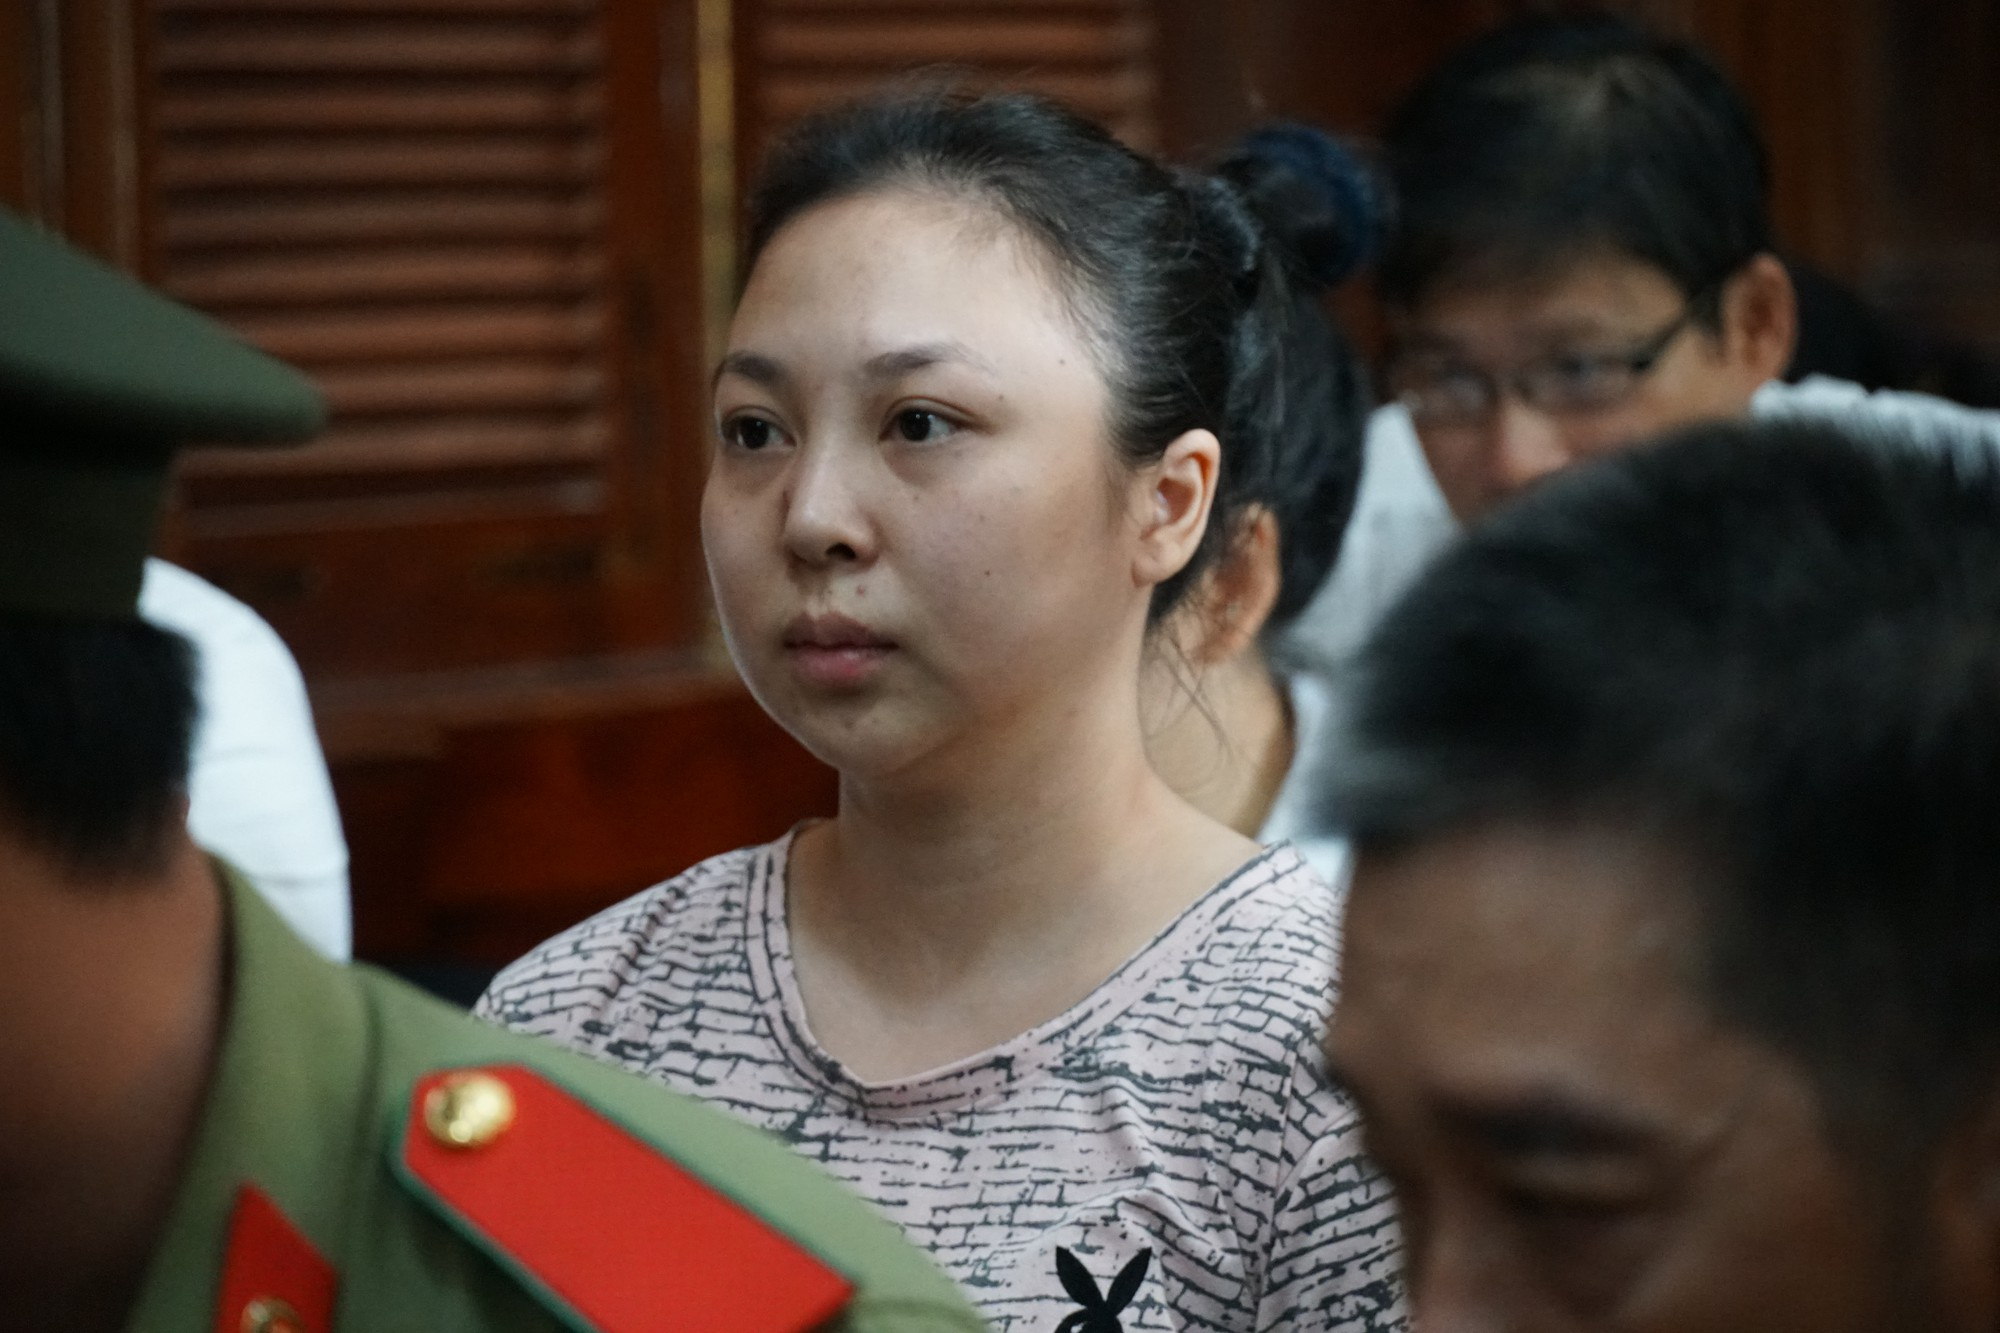 Tin tức pháp luật: Bộ Công an khám xét nhiều cửa hàng của Nhật Cường mobile, khởi tố tài xế say rượu tông chết 2 phụ nữ ở hầm Kim Liên - Ảnh 7.